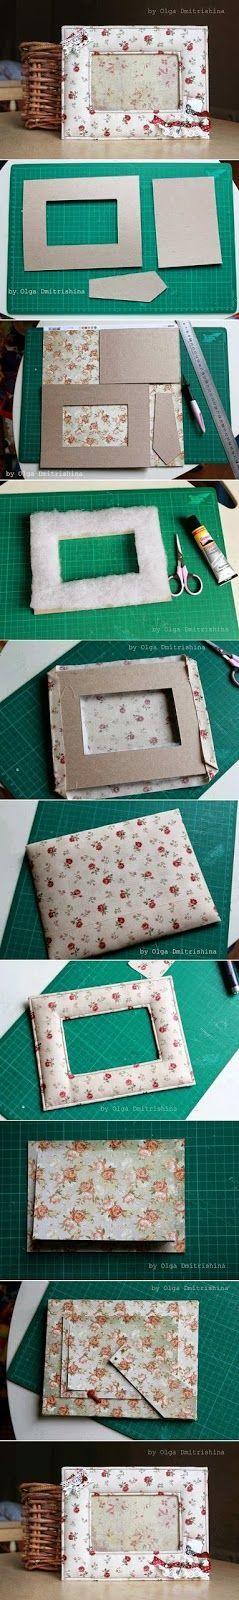 Tutorial per realizzare un porta foto Shabby con il tessuto - Il blog italiano sullo Shabby Chic e non solo